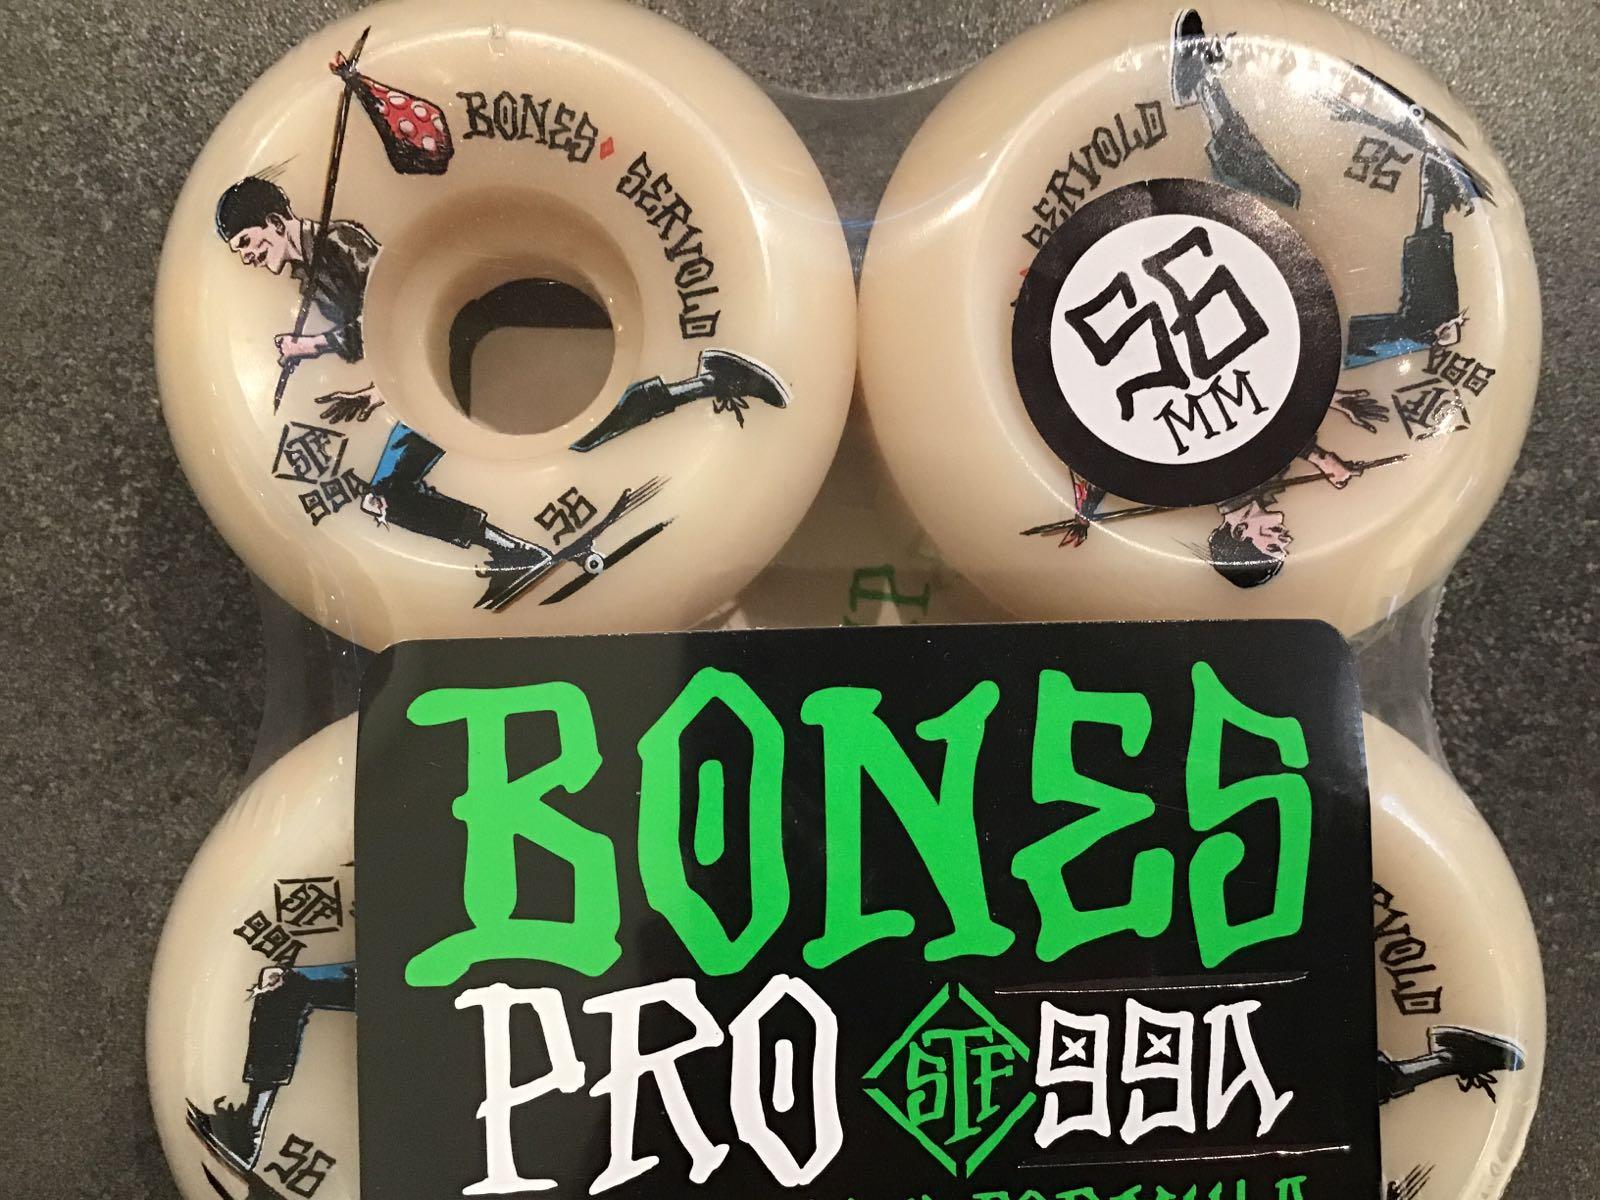 Bones Servold 56